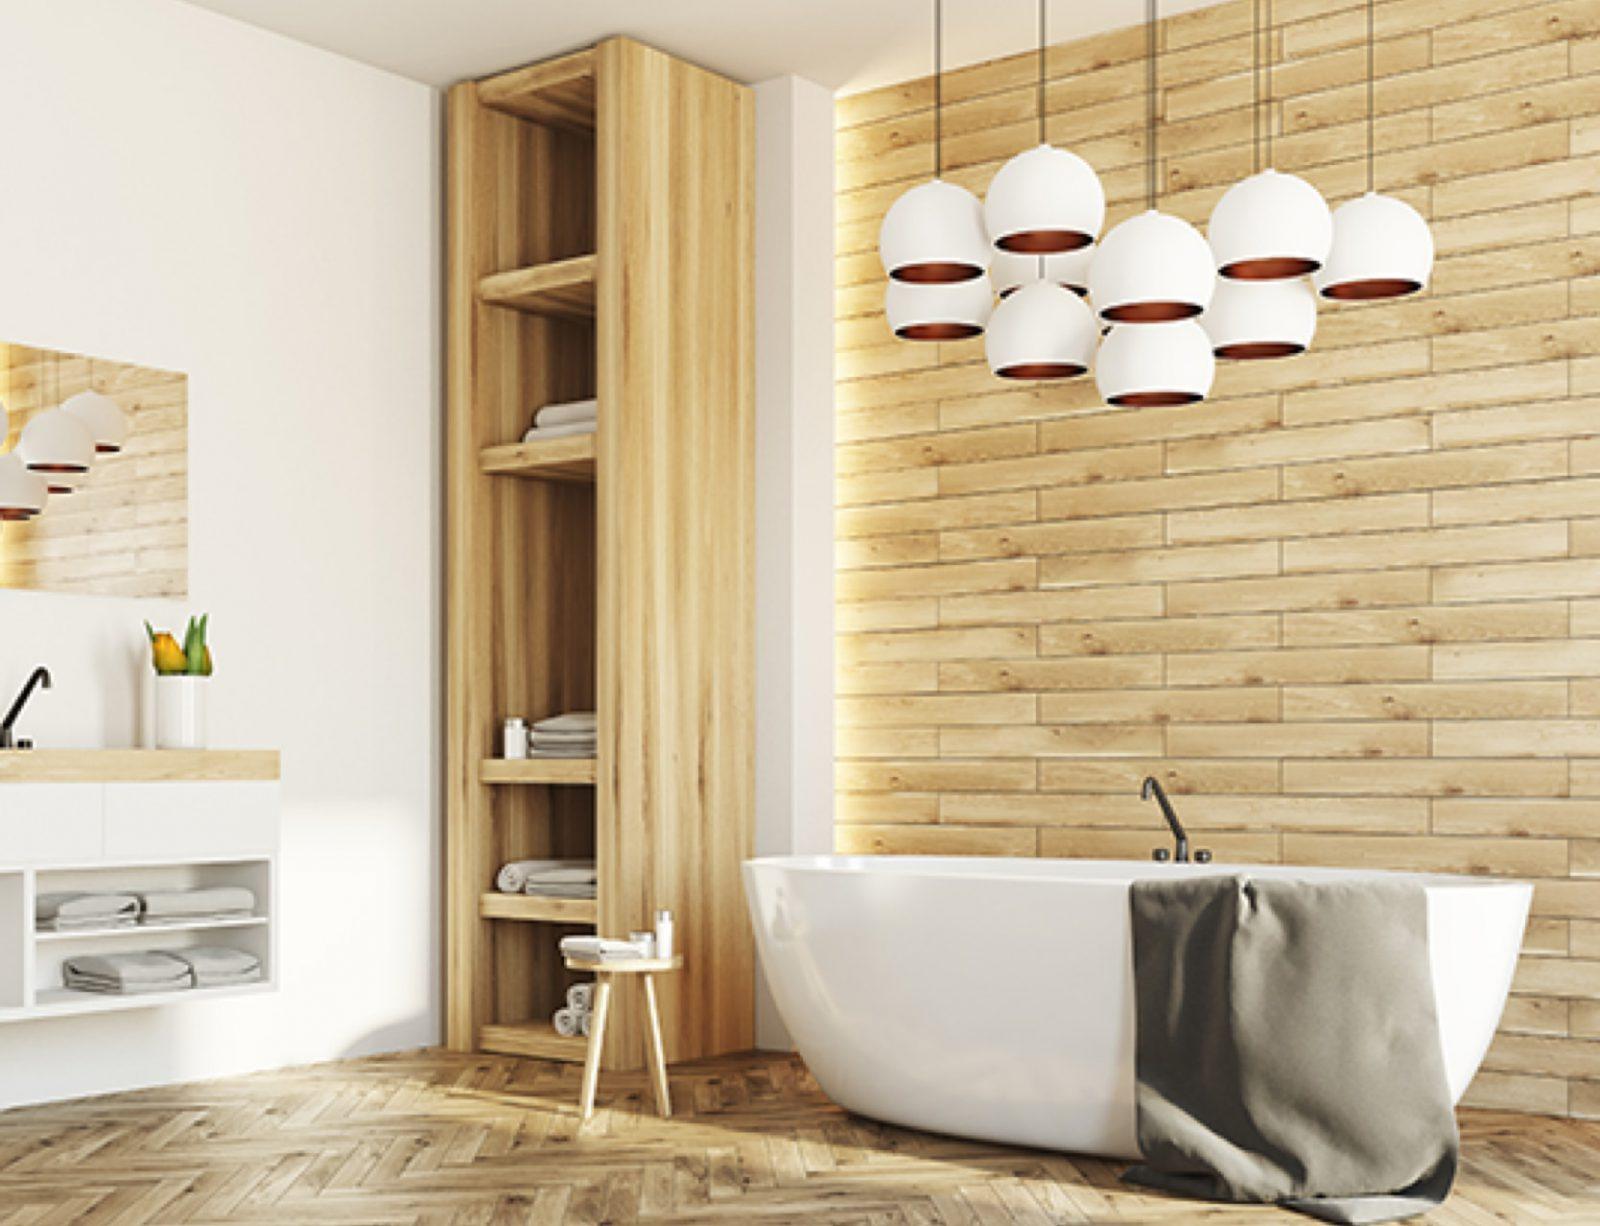 Refaire Une Salle De Bain A Moindre Cout Luxe Stock Rénovation Salle De Bain Guide D Information Et Ac Pagnement